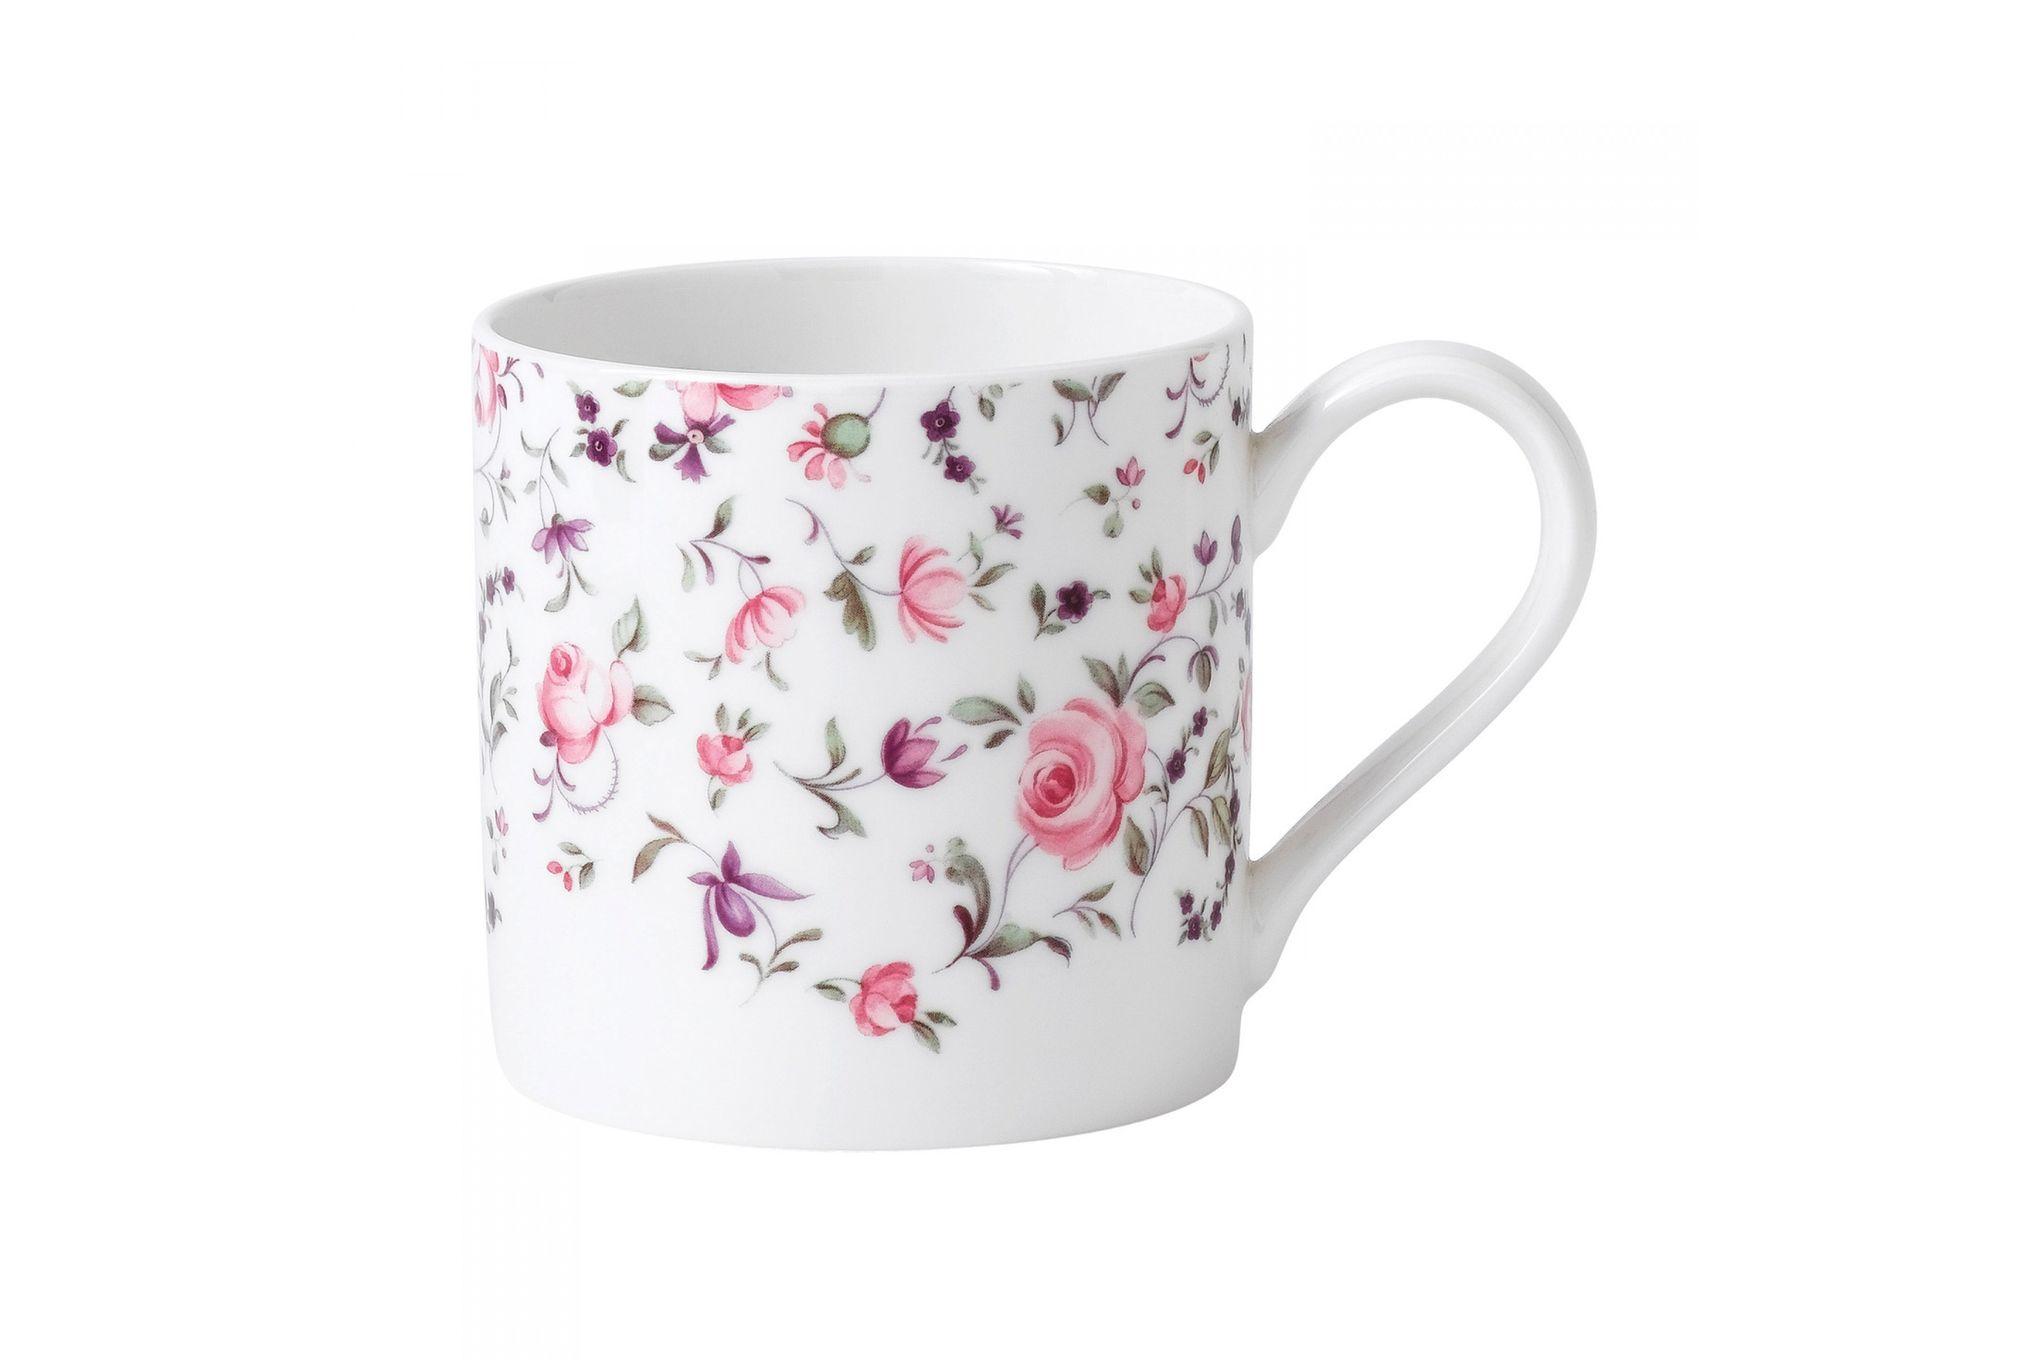 Royal Albert Rose Confetti Mug Modern thumb 1